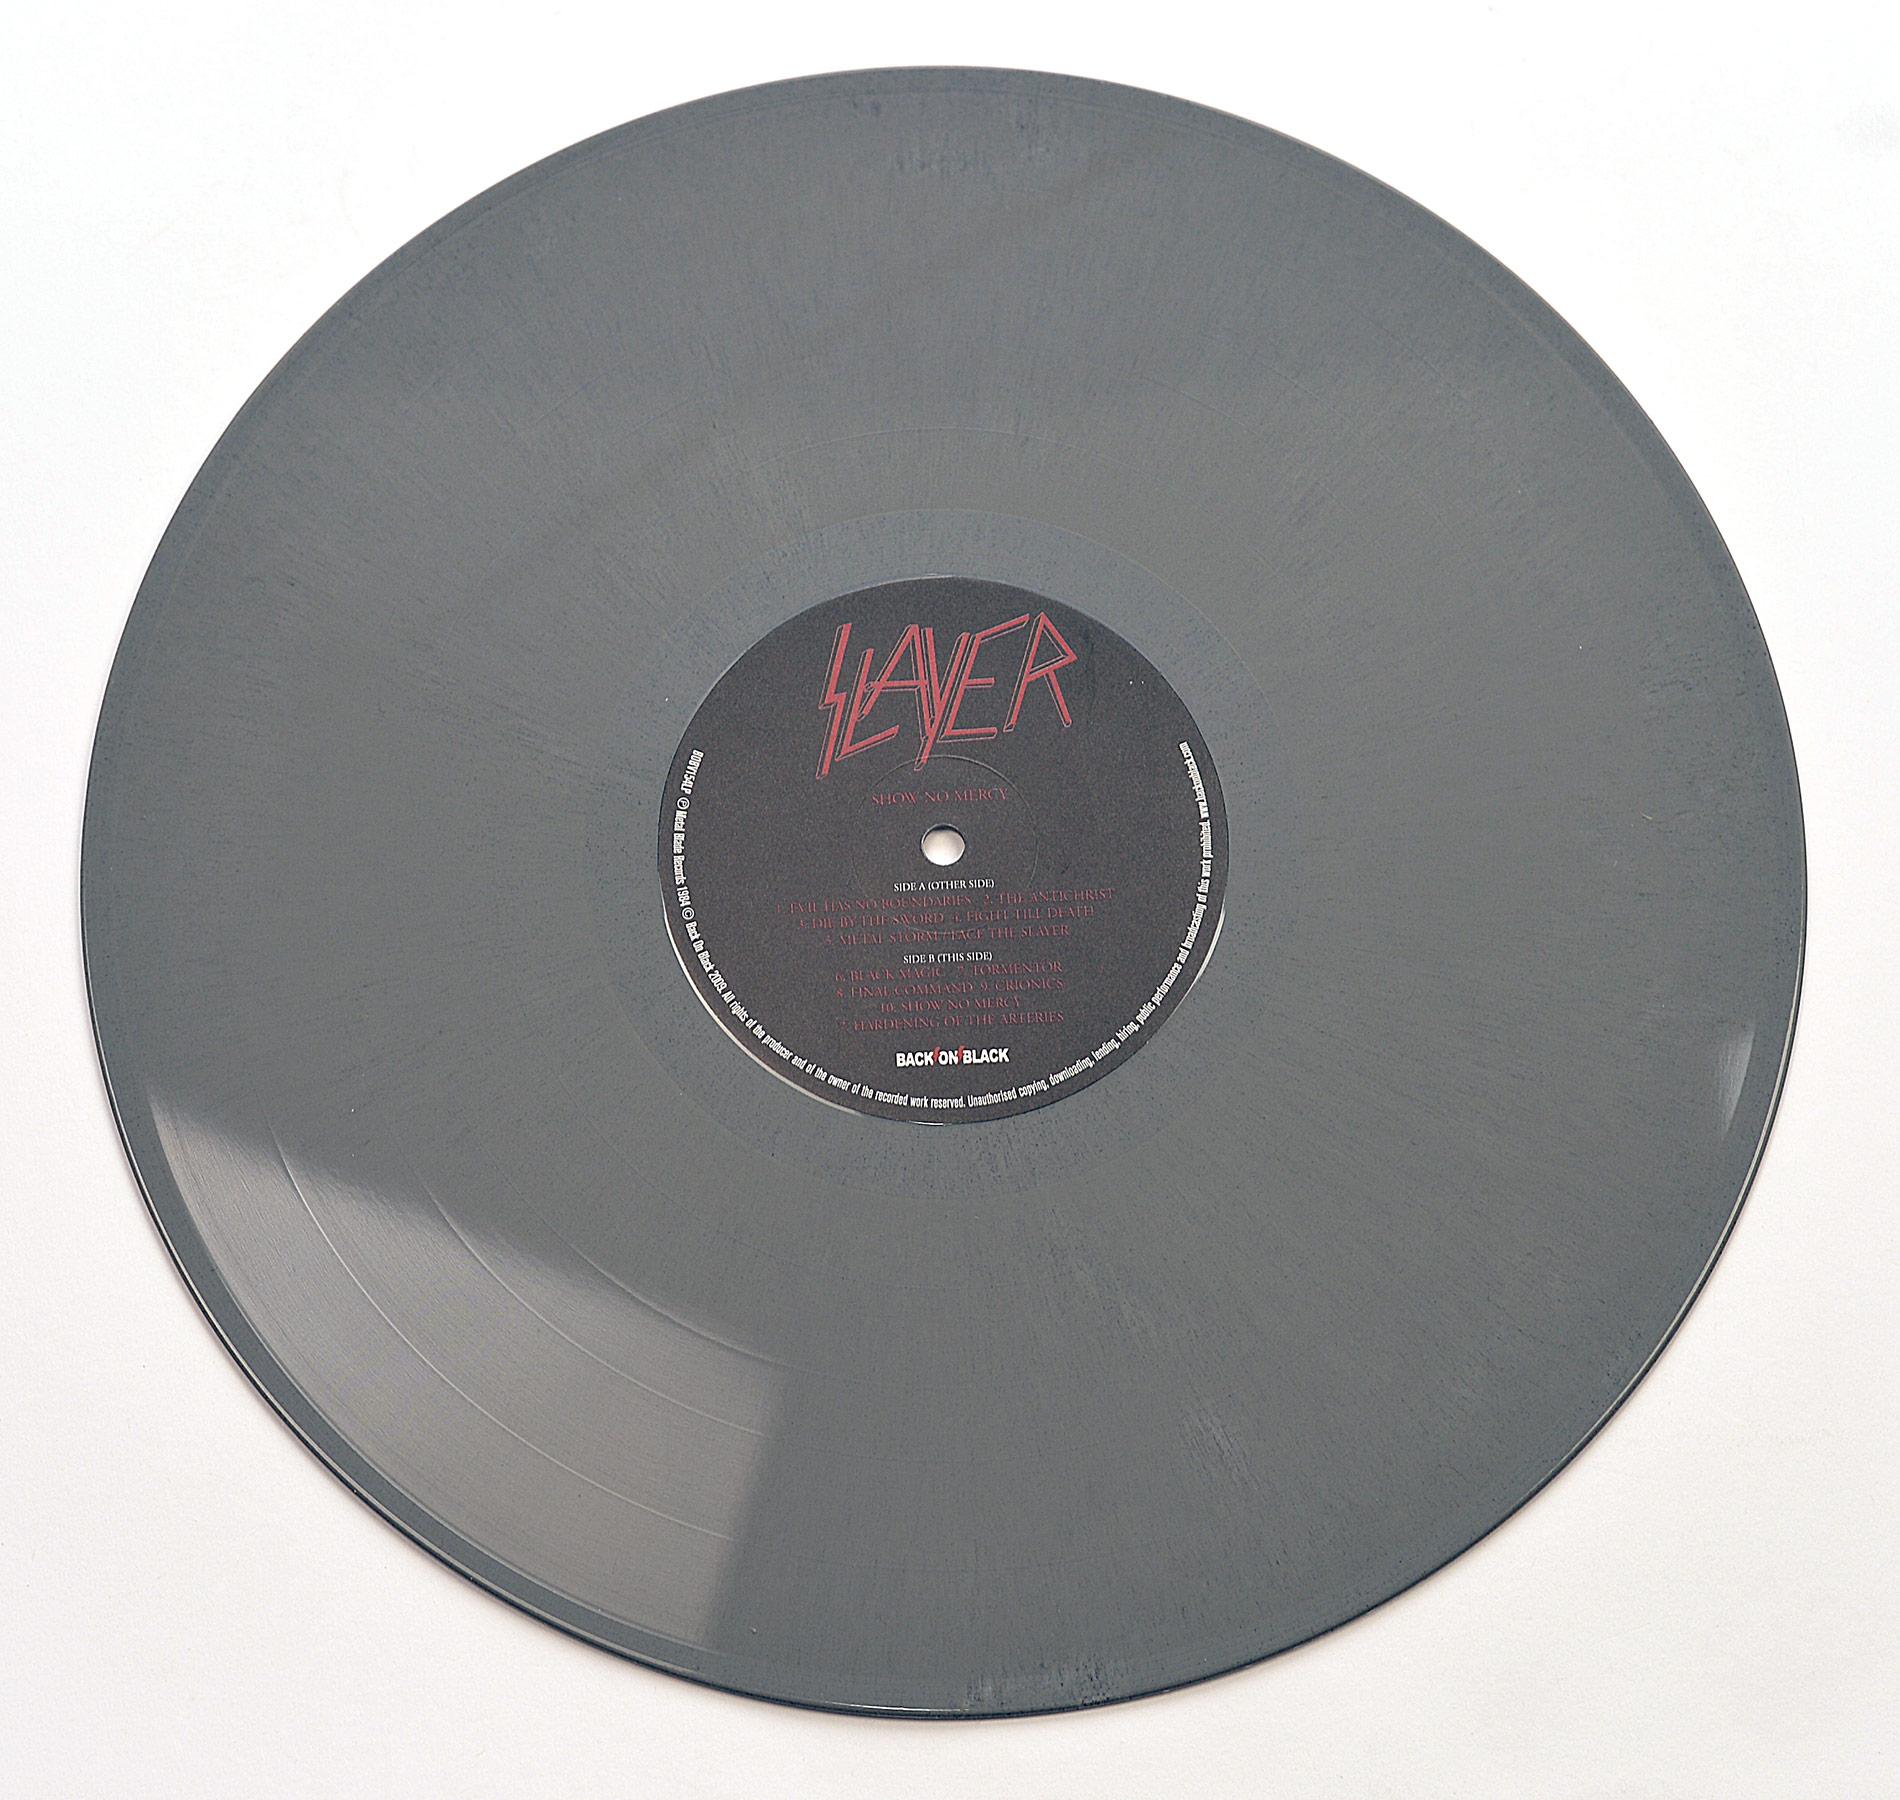 SLAYER Show No Mercy Grey Vinyl